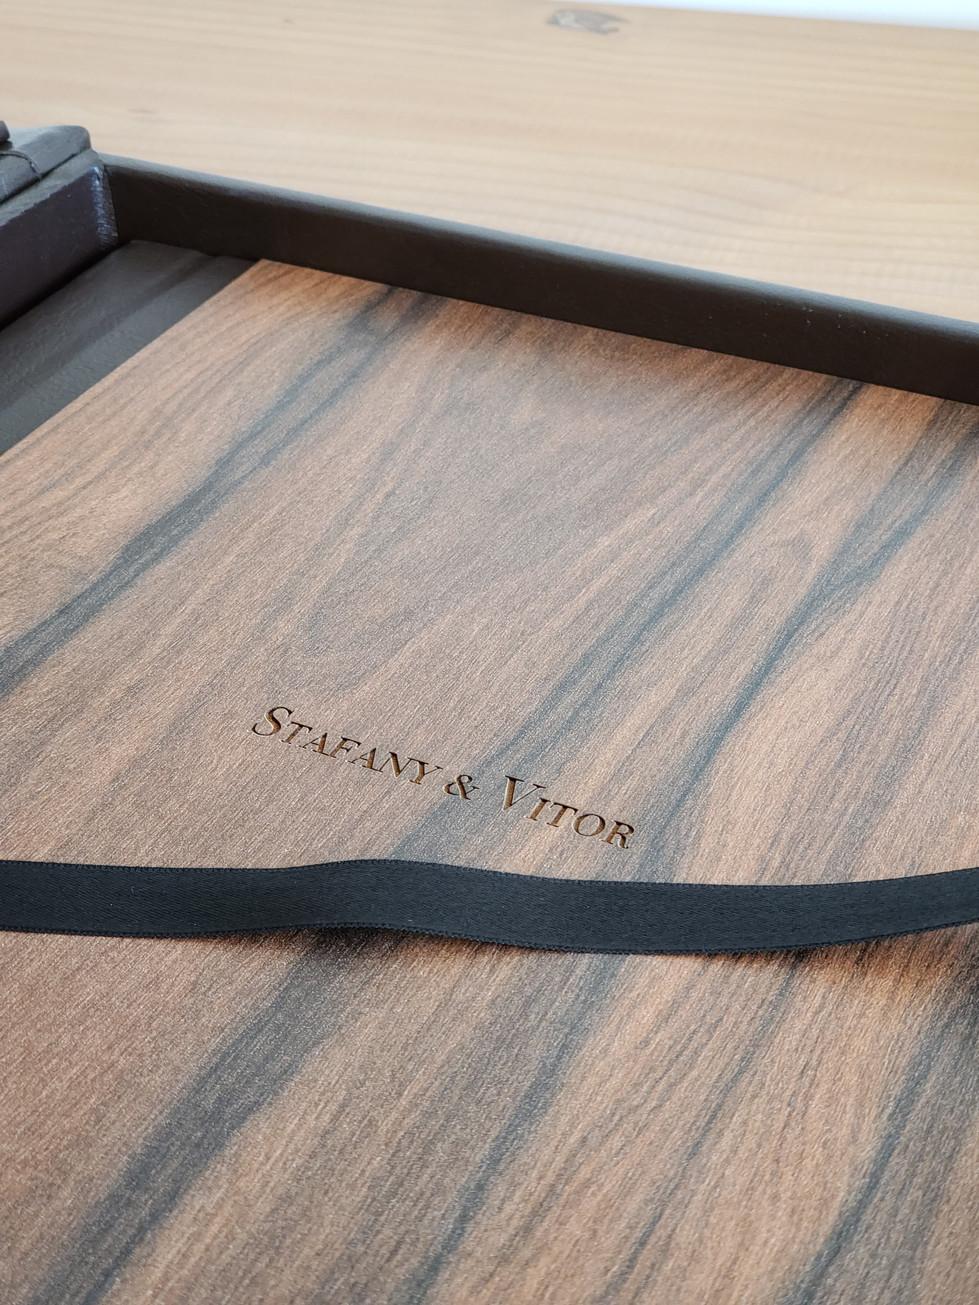 Álbum de madeira com gravaçãp a laser